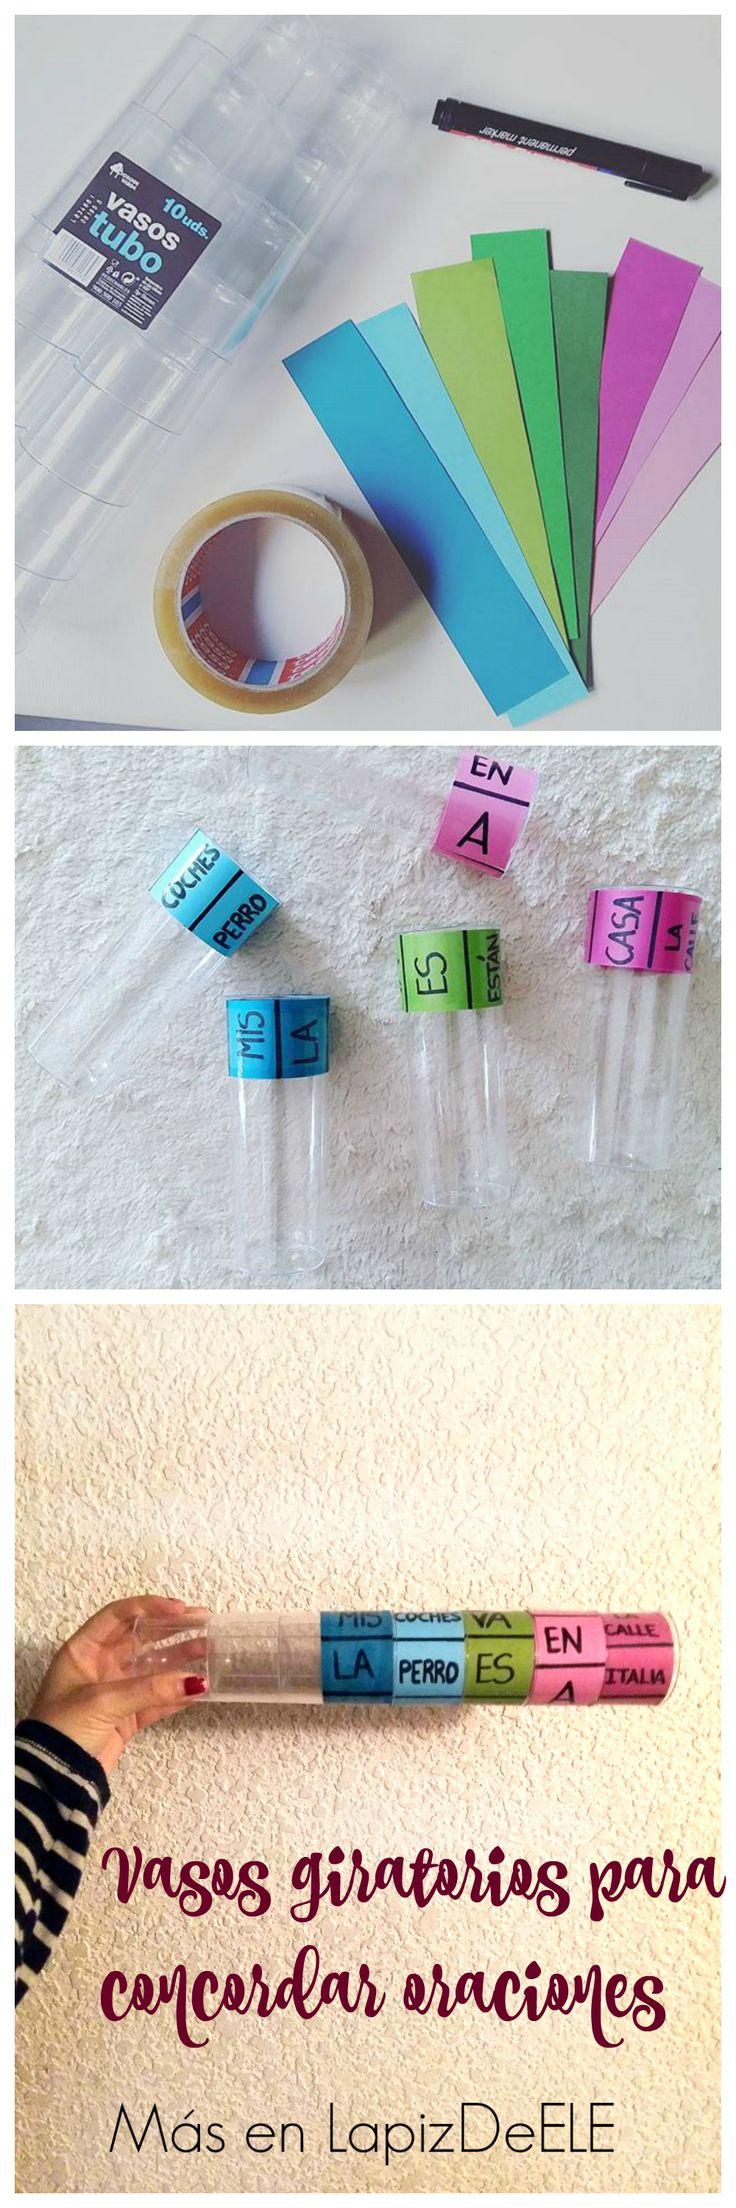 DIY: vasos giratorios para concordar oraciones (Género, número, tiempos verbales, preposiciones, complementos circunstanciales...).